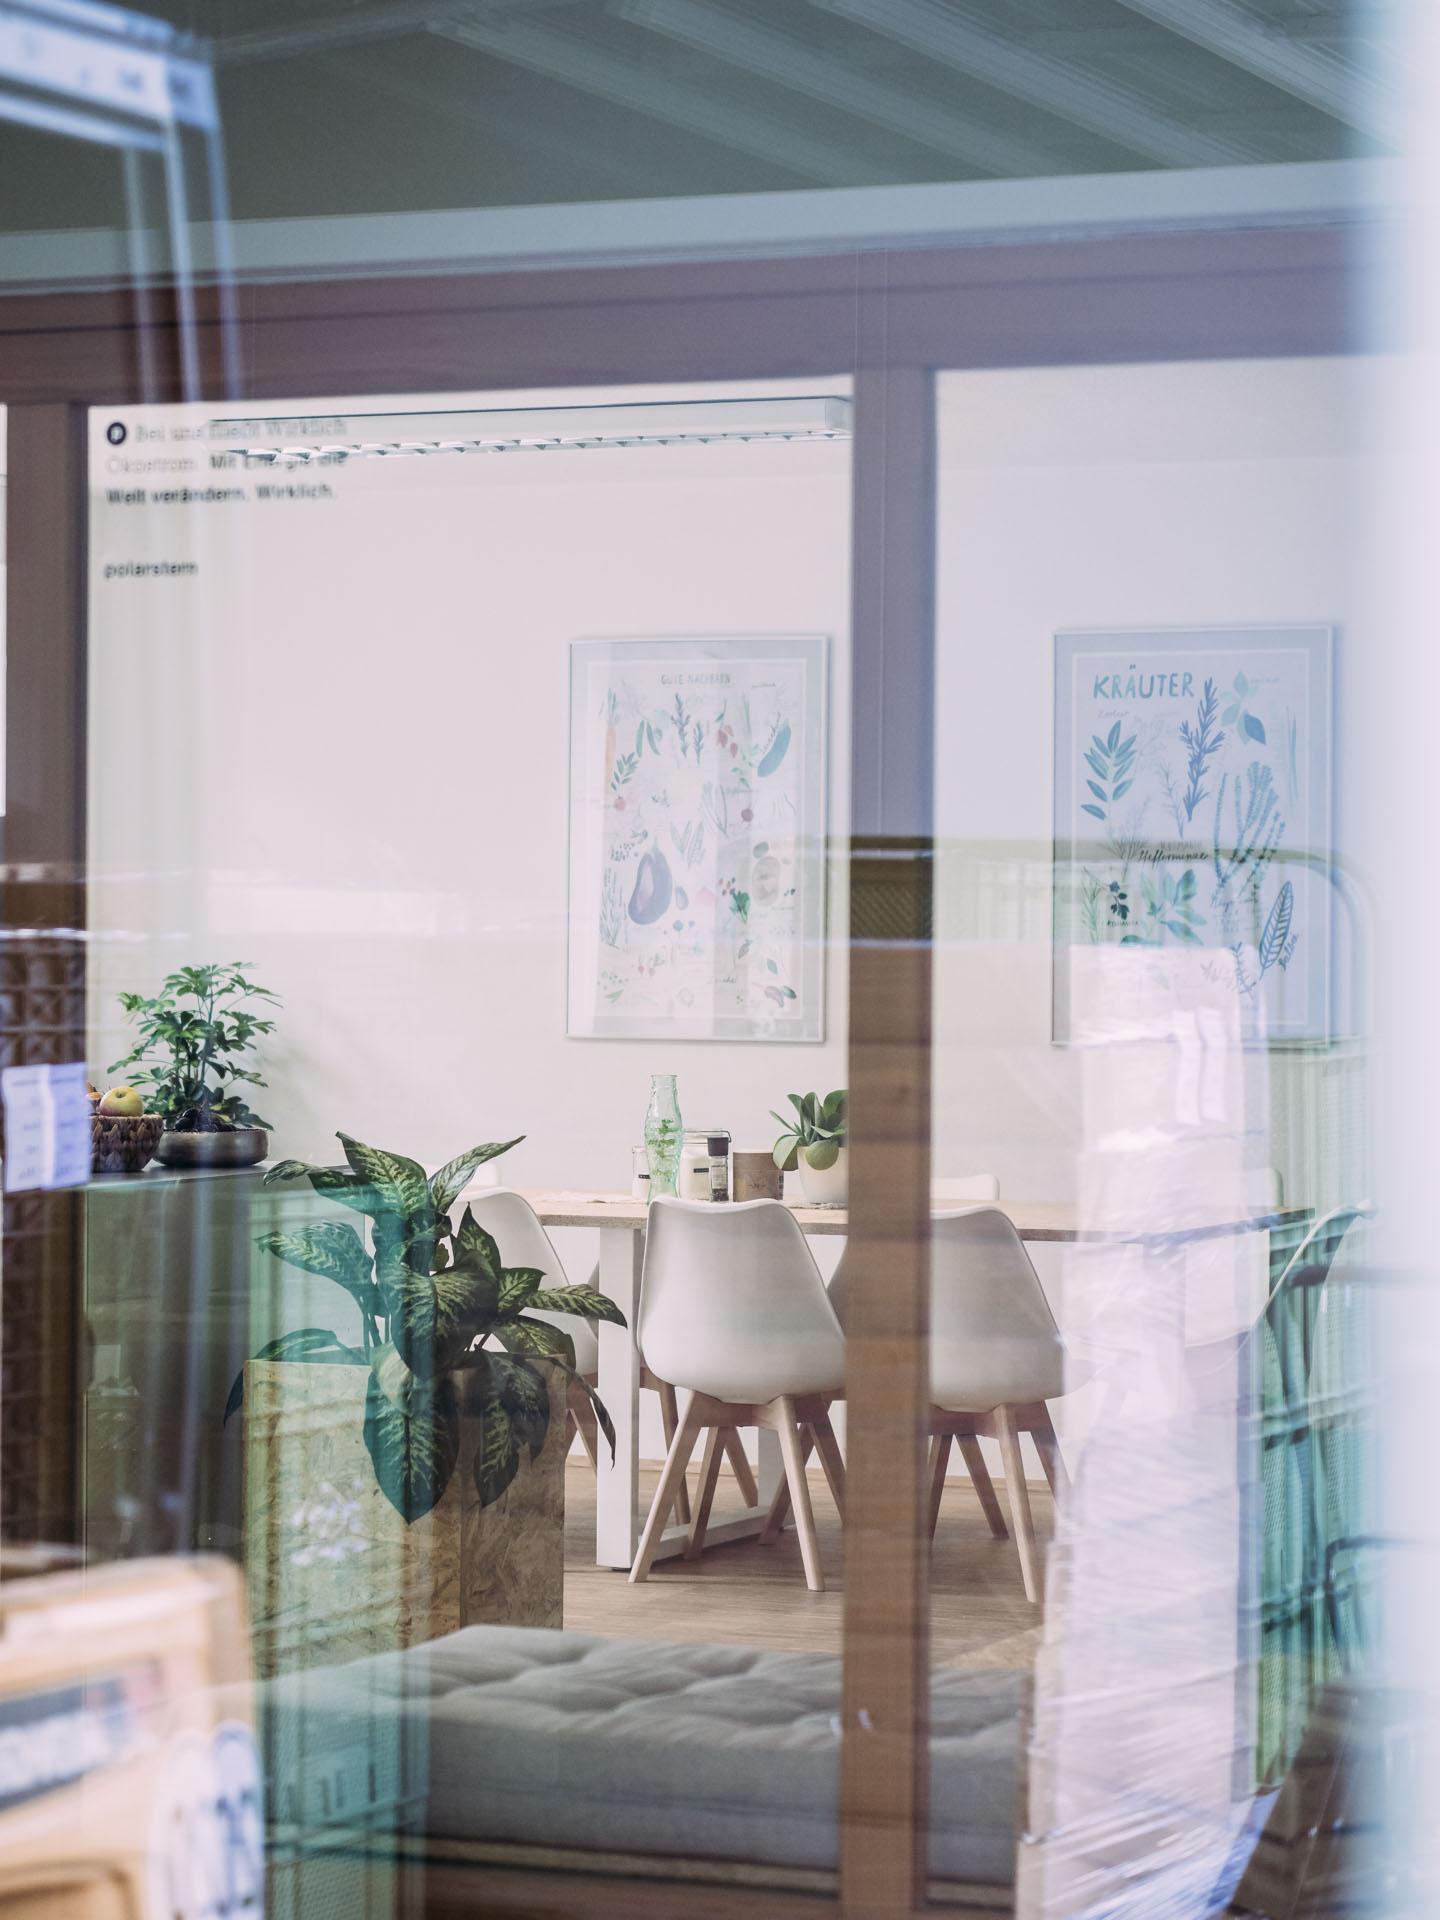 Completeorganics Büro mit Glasspiegelung